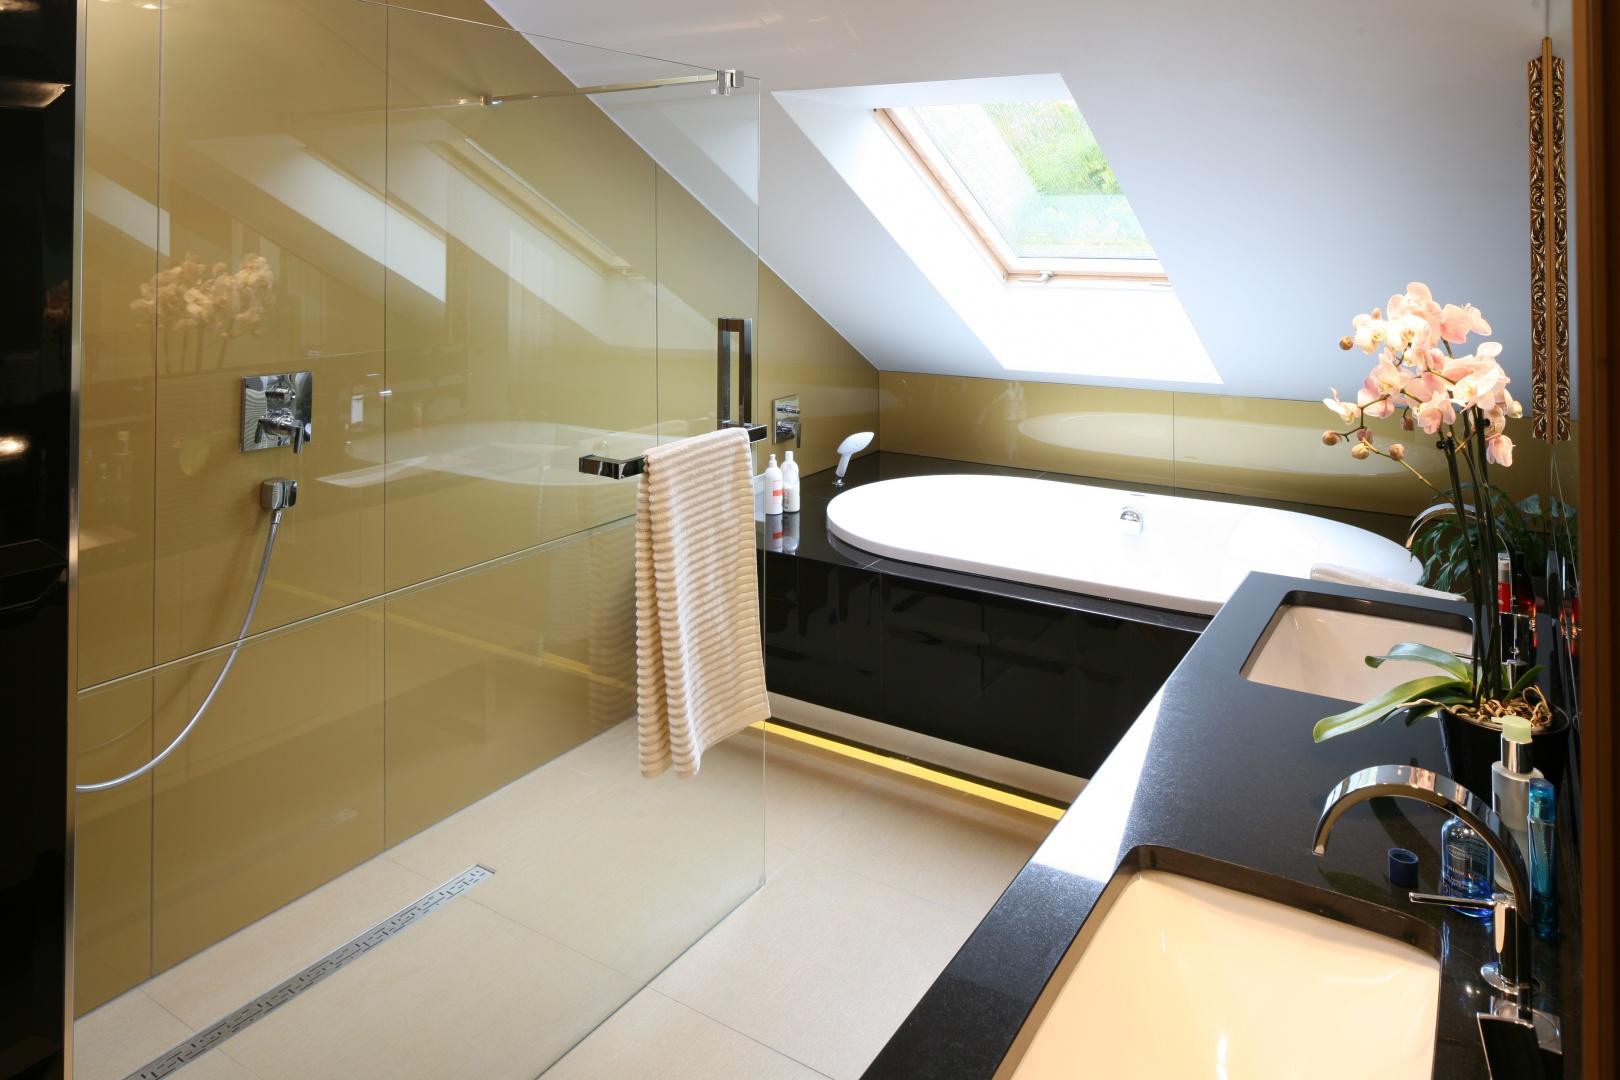 Szklana tafla oddziela prysznic od części z umywalkami, funkcjonalnie dzieląc przestrzeń łazienki. Jest praktycznie niewidoczna, co pozwoliło wyeksponować szkło Lacobel w kolorze złota. Projekt Chantal Springer. Fot. Bartosz Jarosz.